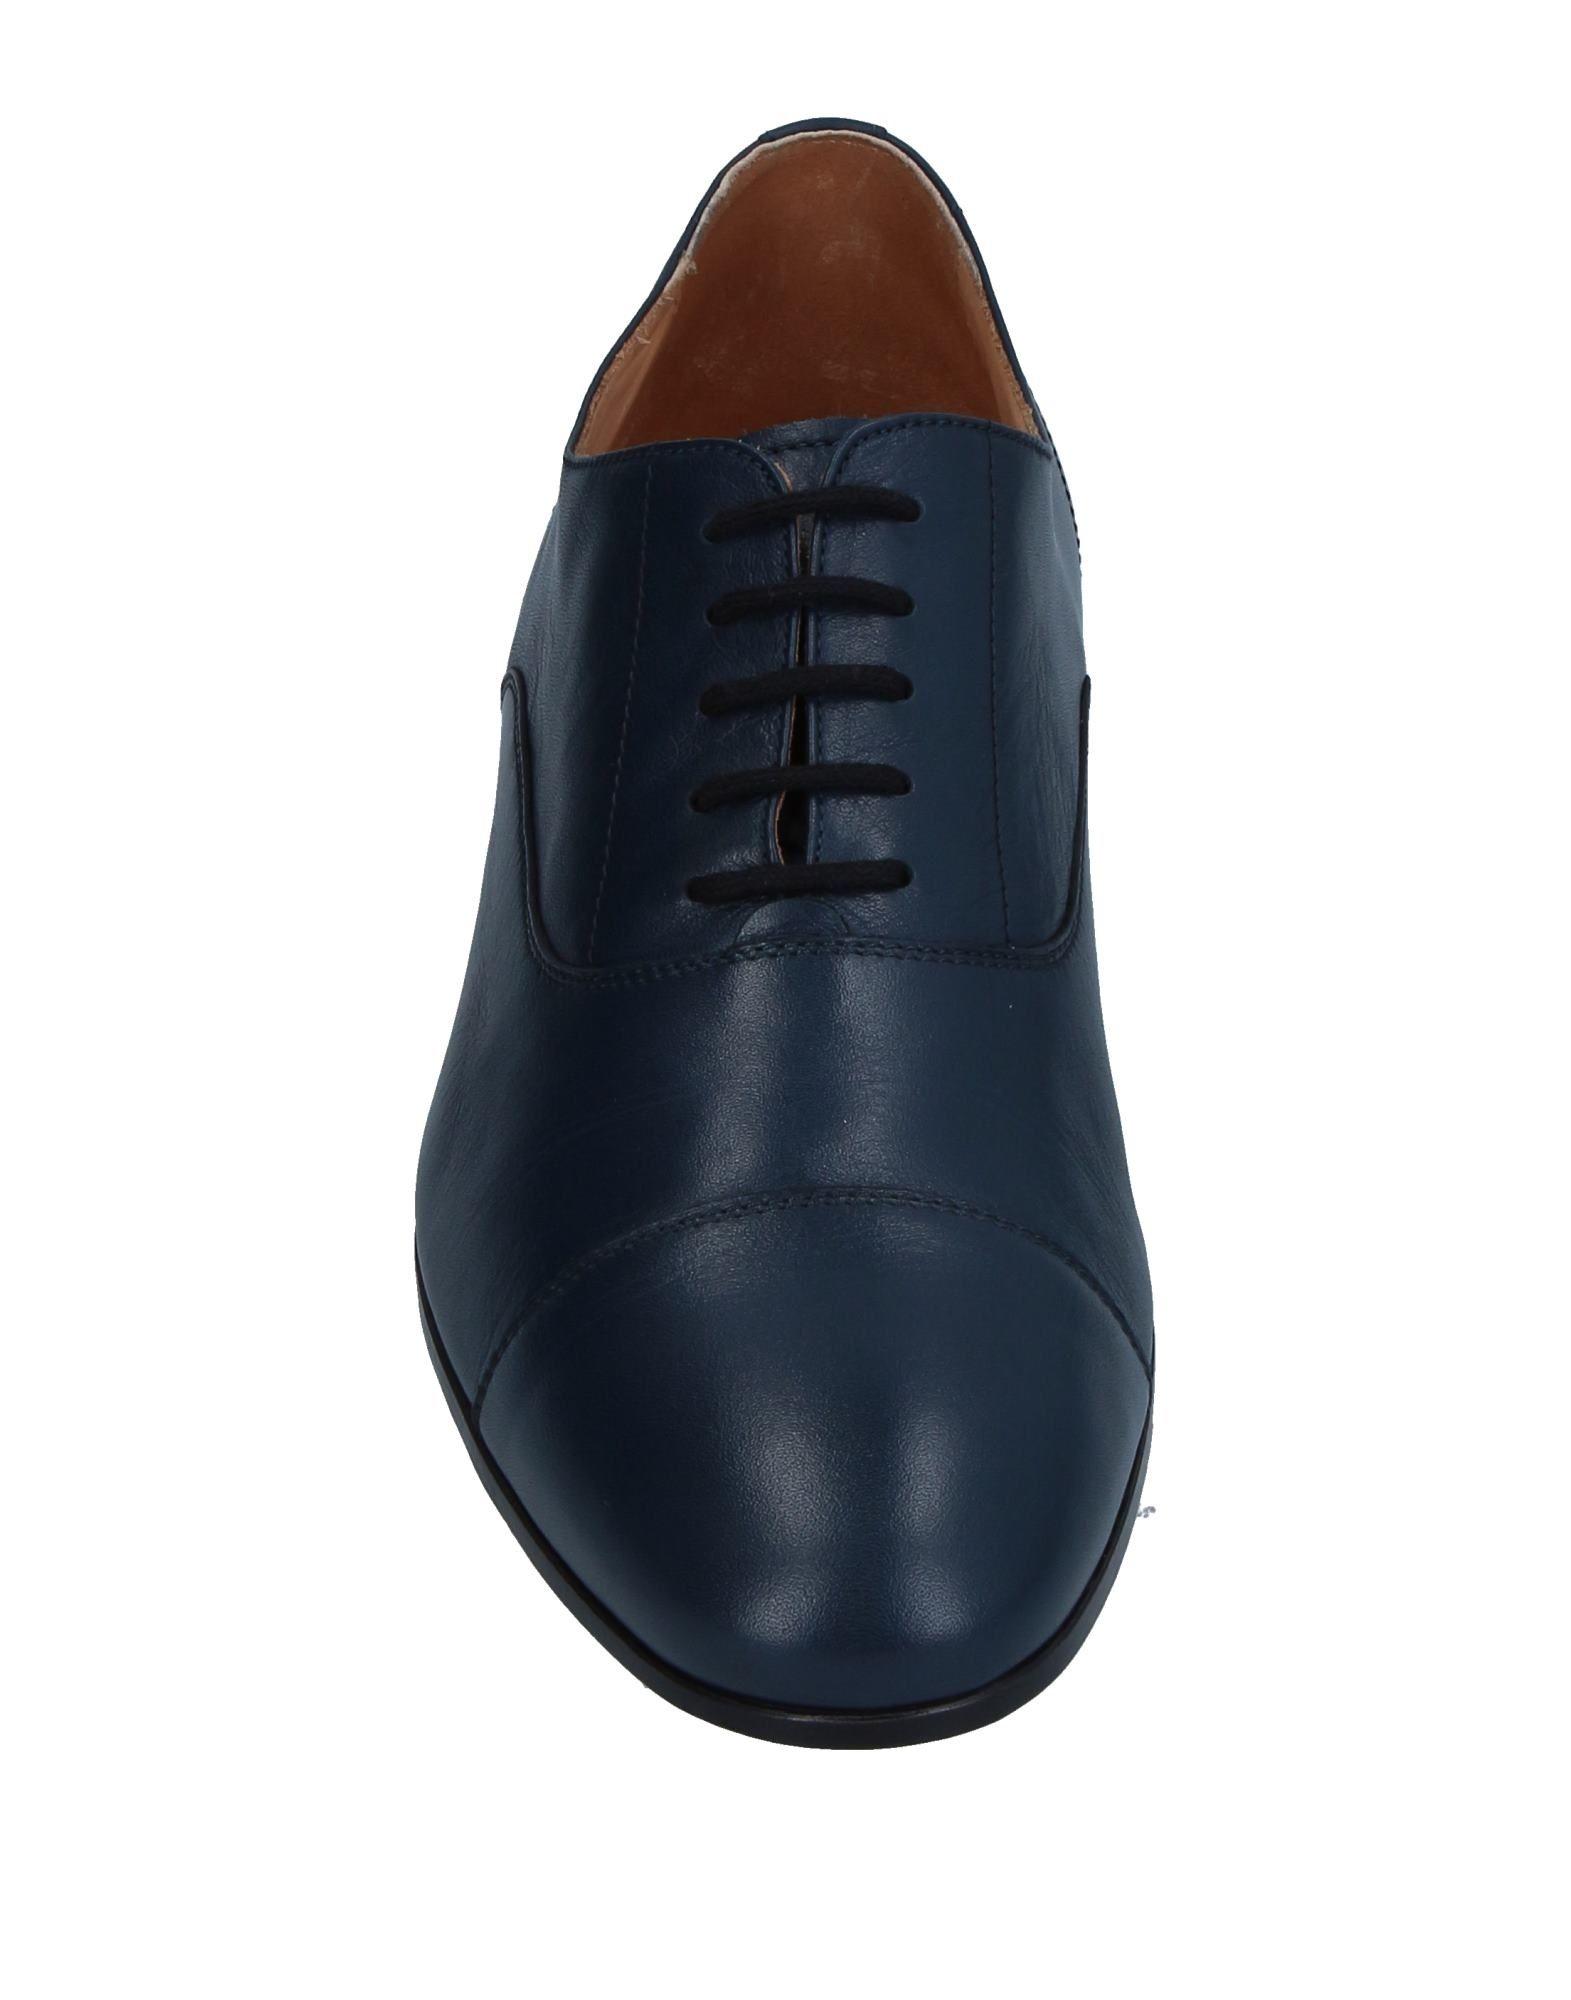 Aranth Schnürschuhe Schuhe Herren  11328038DL Heiße Schuhe Schnürschuhe 05fe97